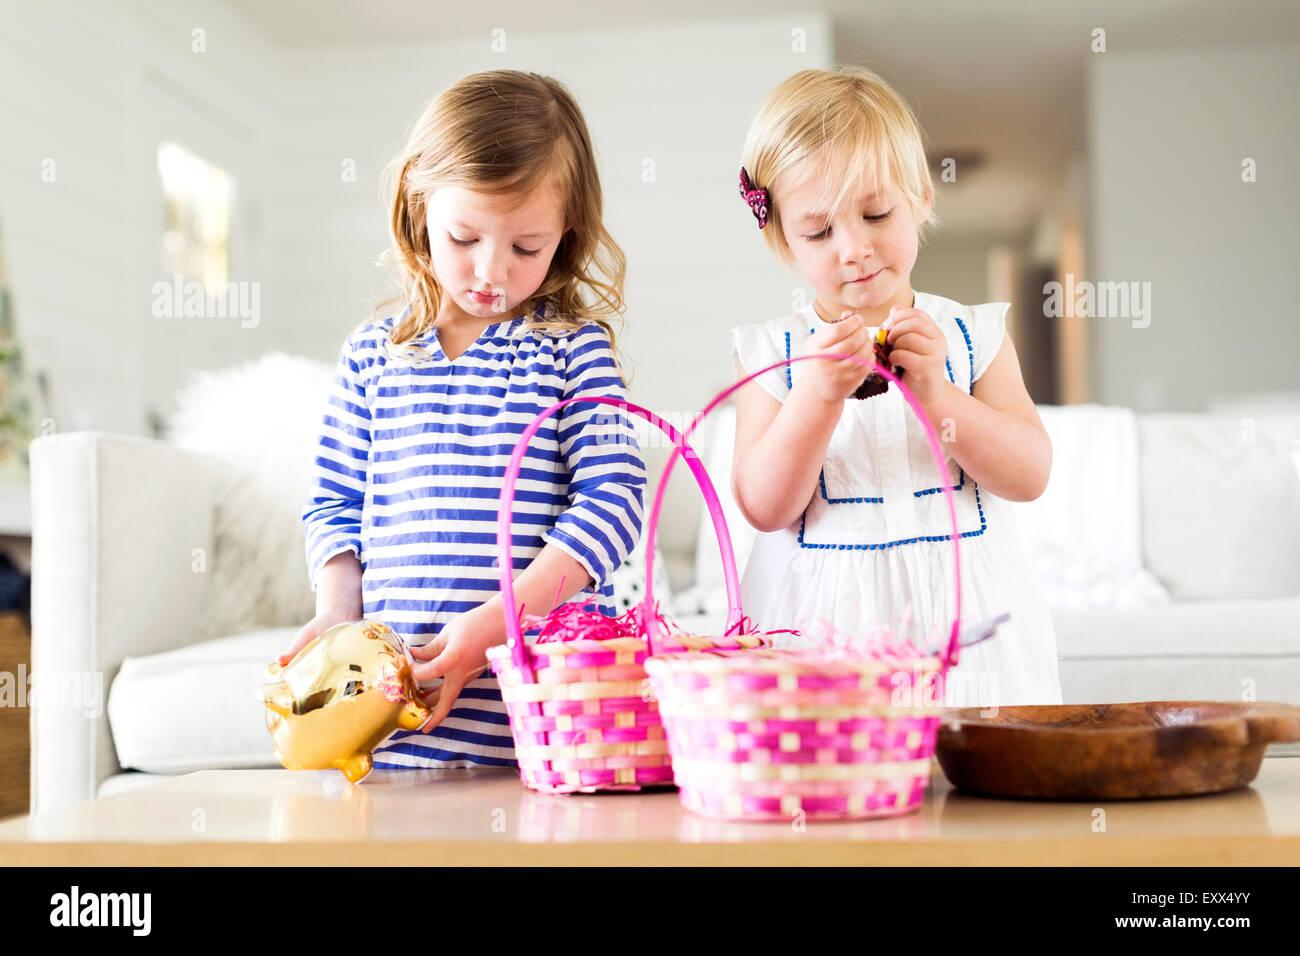 Mädchen (2-3, 4-5) Eröffnung Bonbons Stockbild